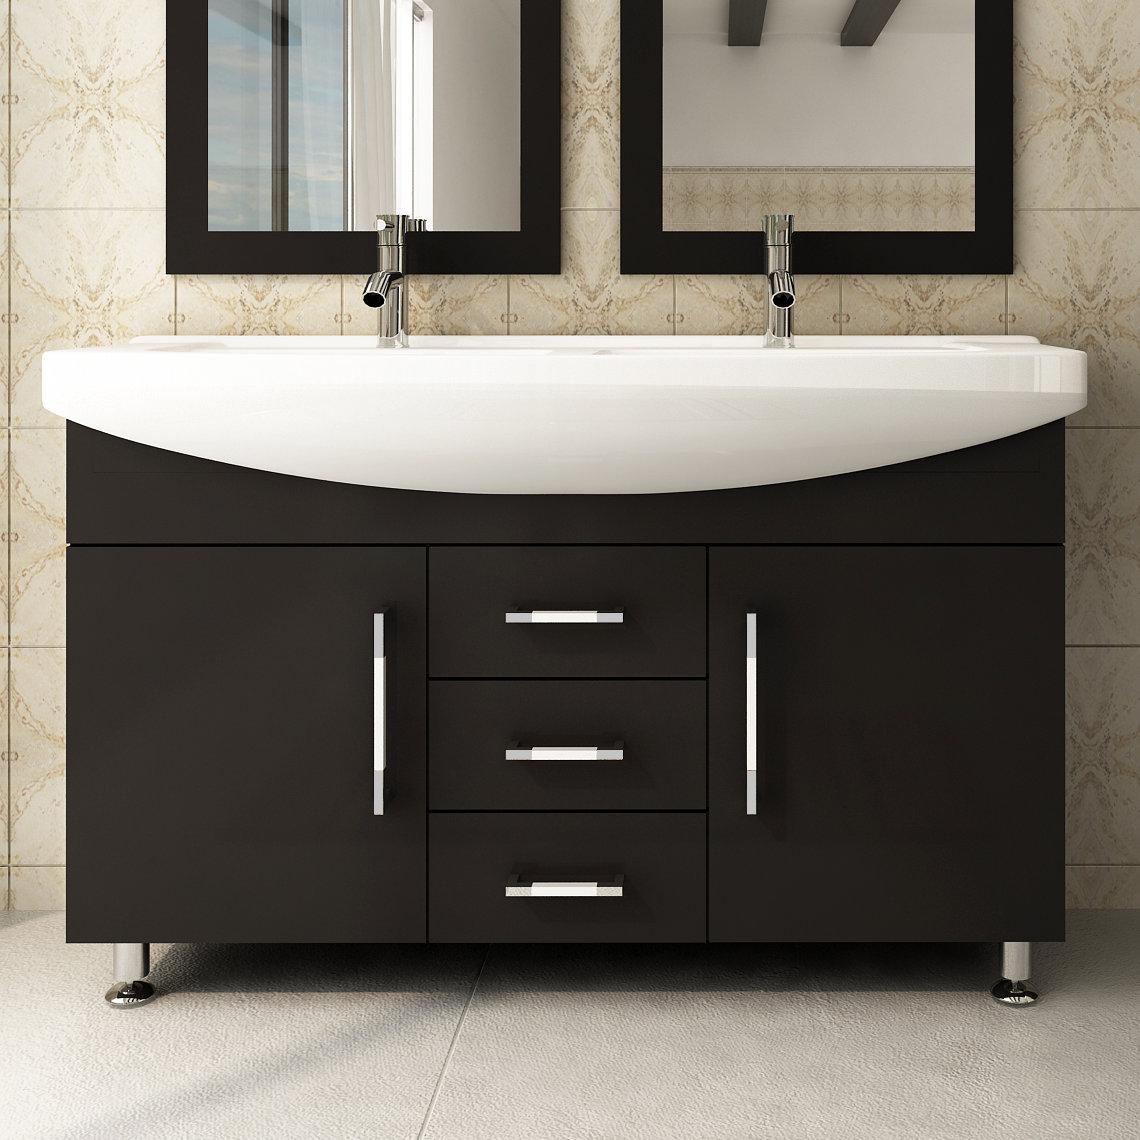 Jwh Living Celine 48 Double Bathroom Vanity Reviews